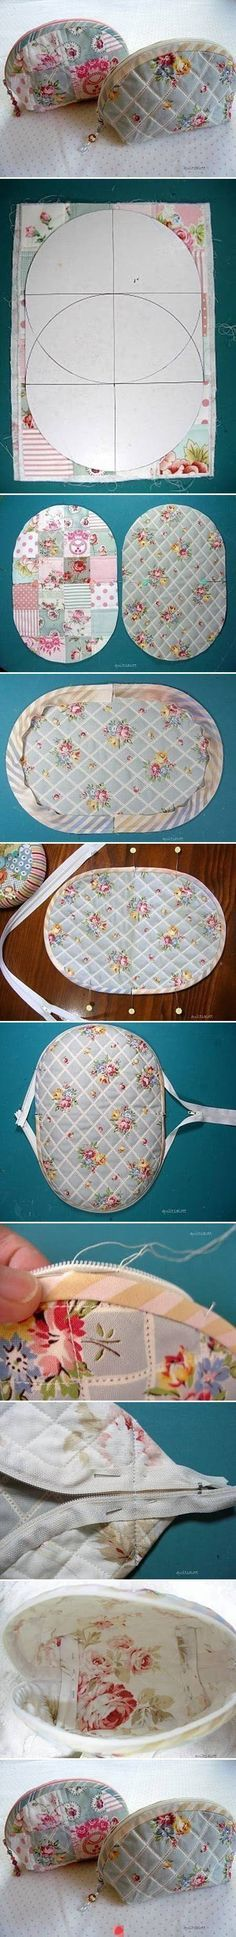 .cute purses: